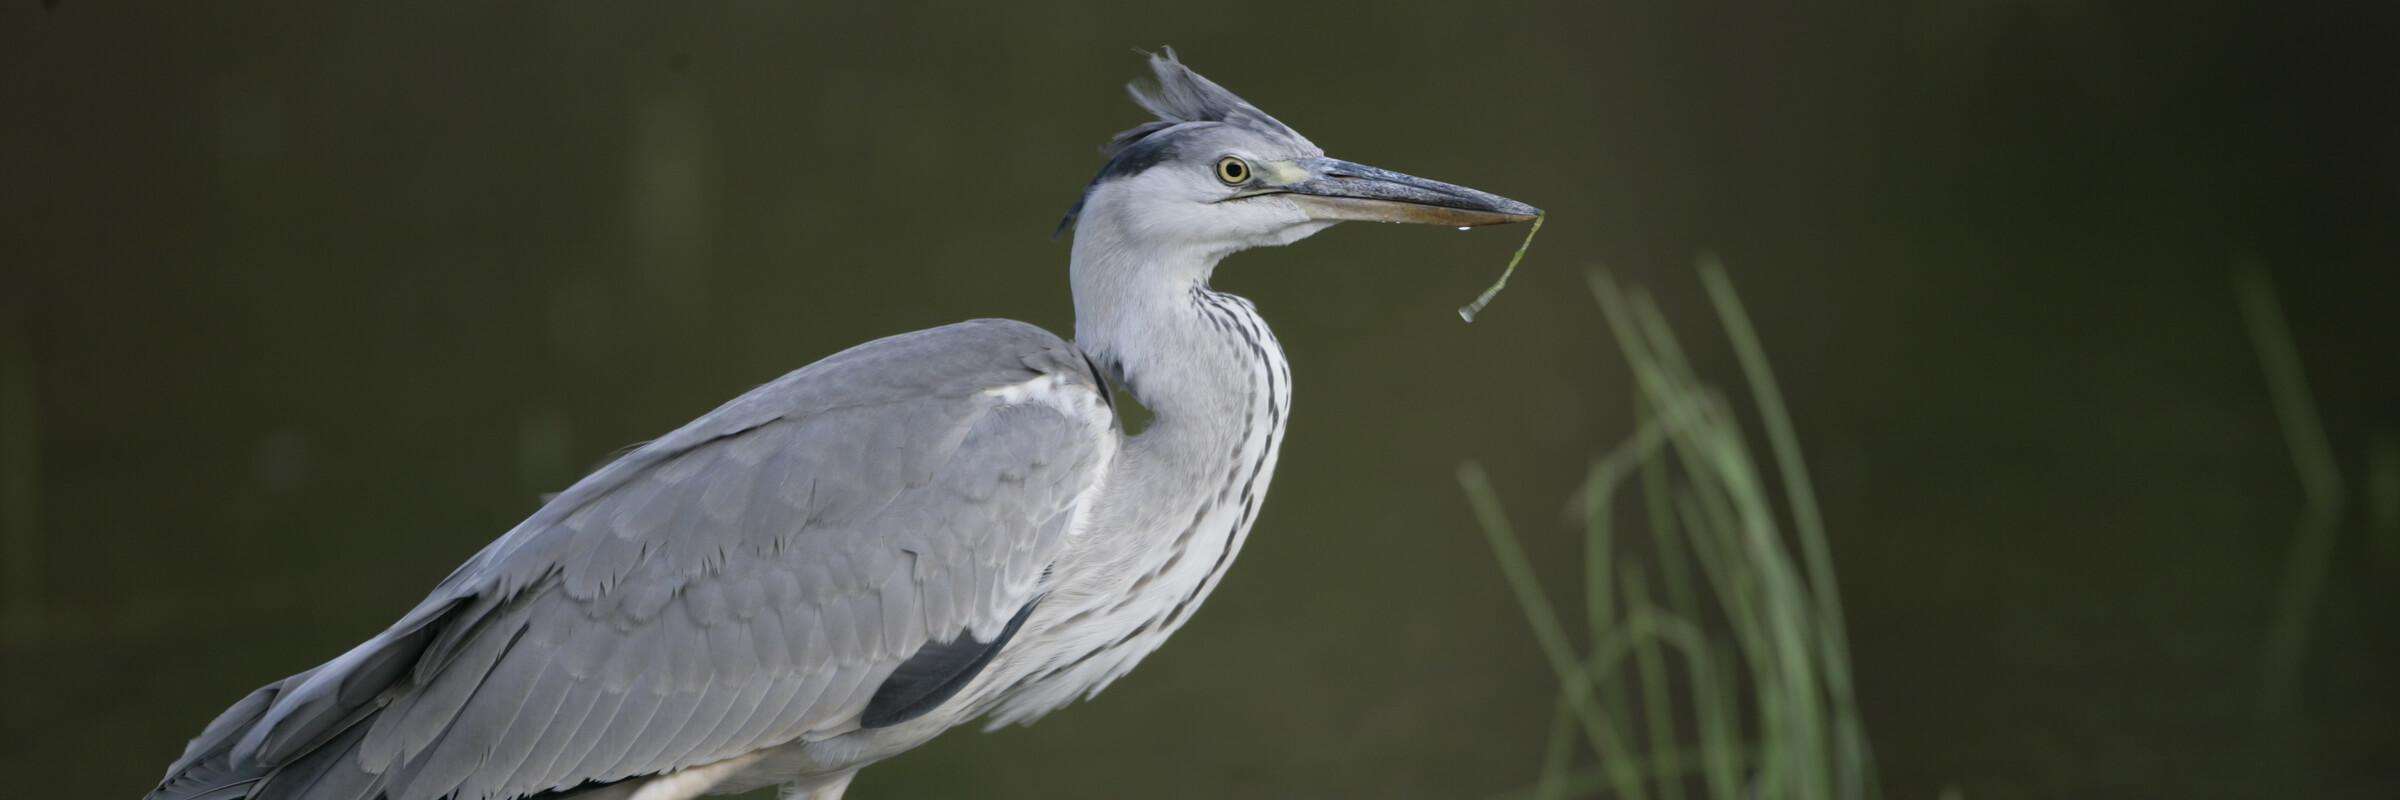 Da der Graureiher eine Vogelart ist, die nur geringe Anforderungen an ihren Lebensraum stellt, ist er fast überall auf der Welt vertreten.